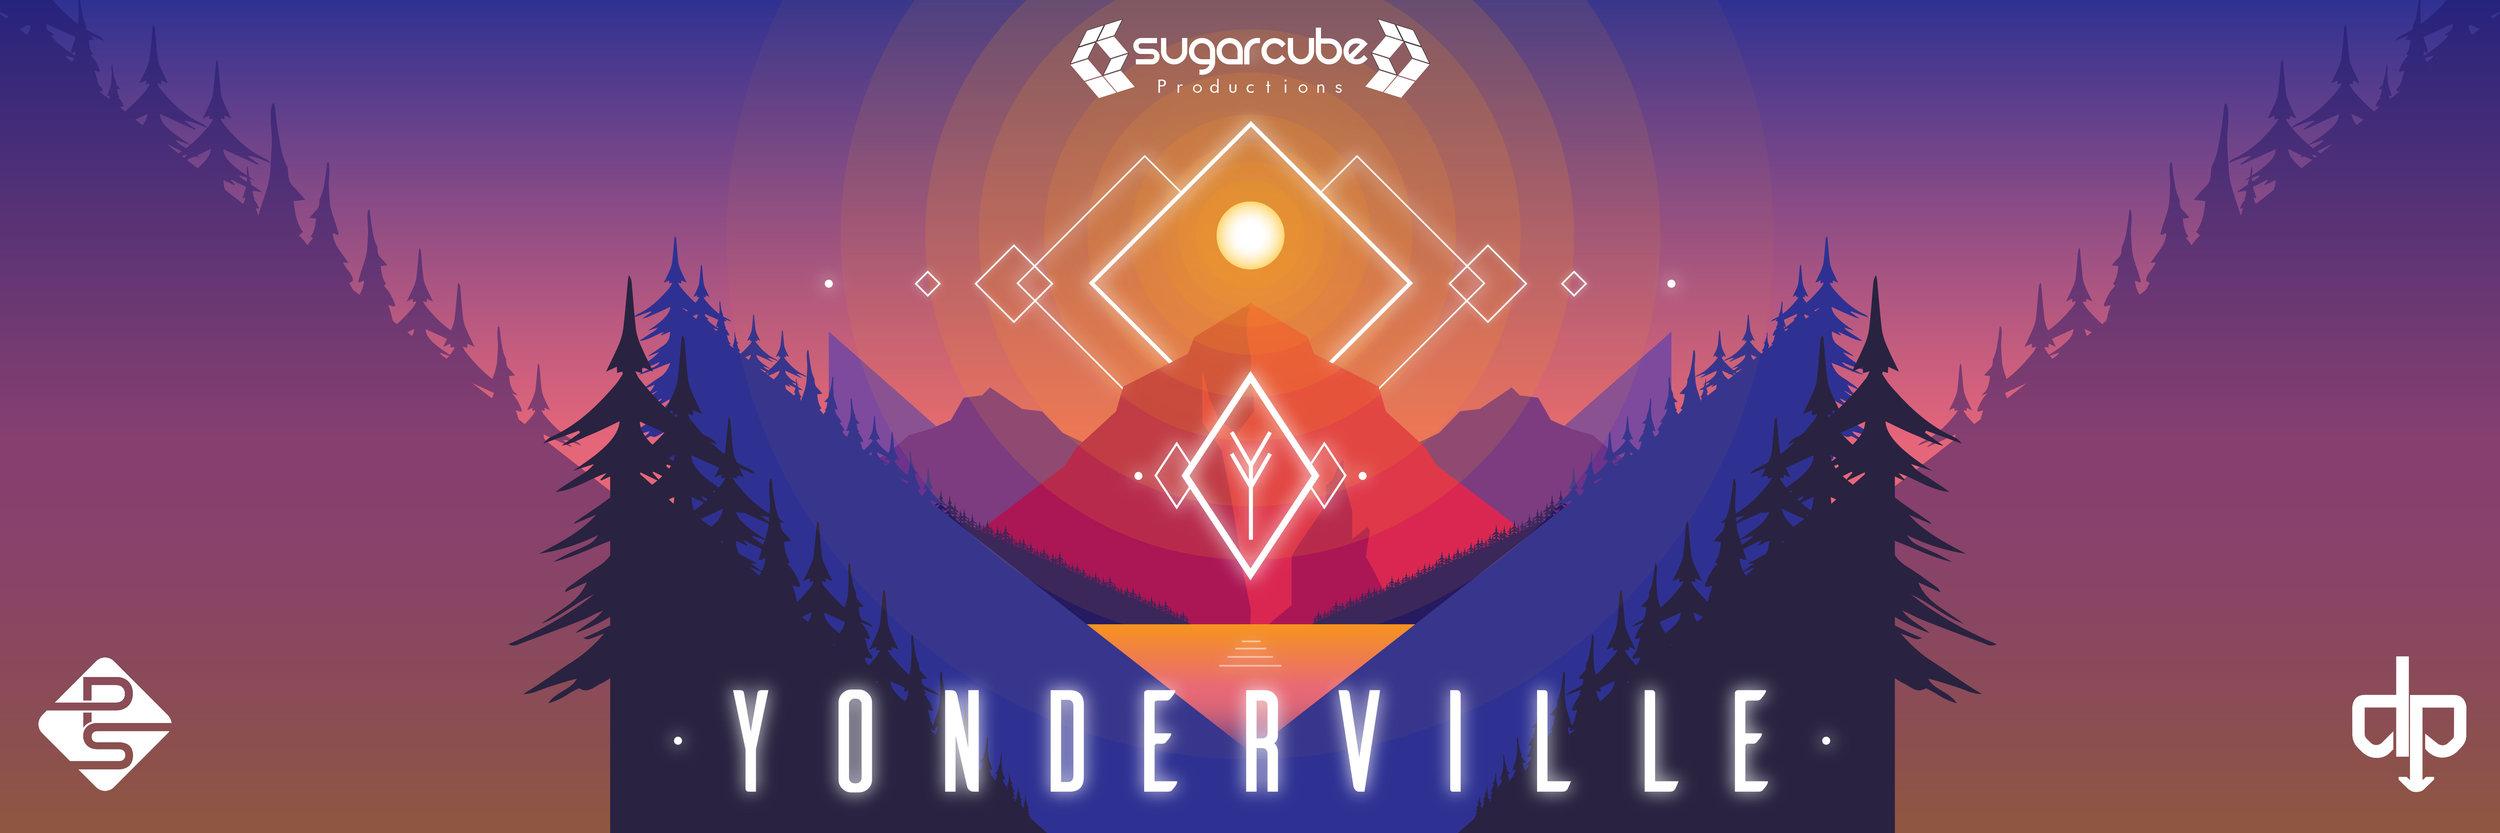 yonderville_Banner_logos.jpg